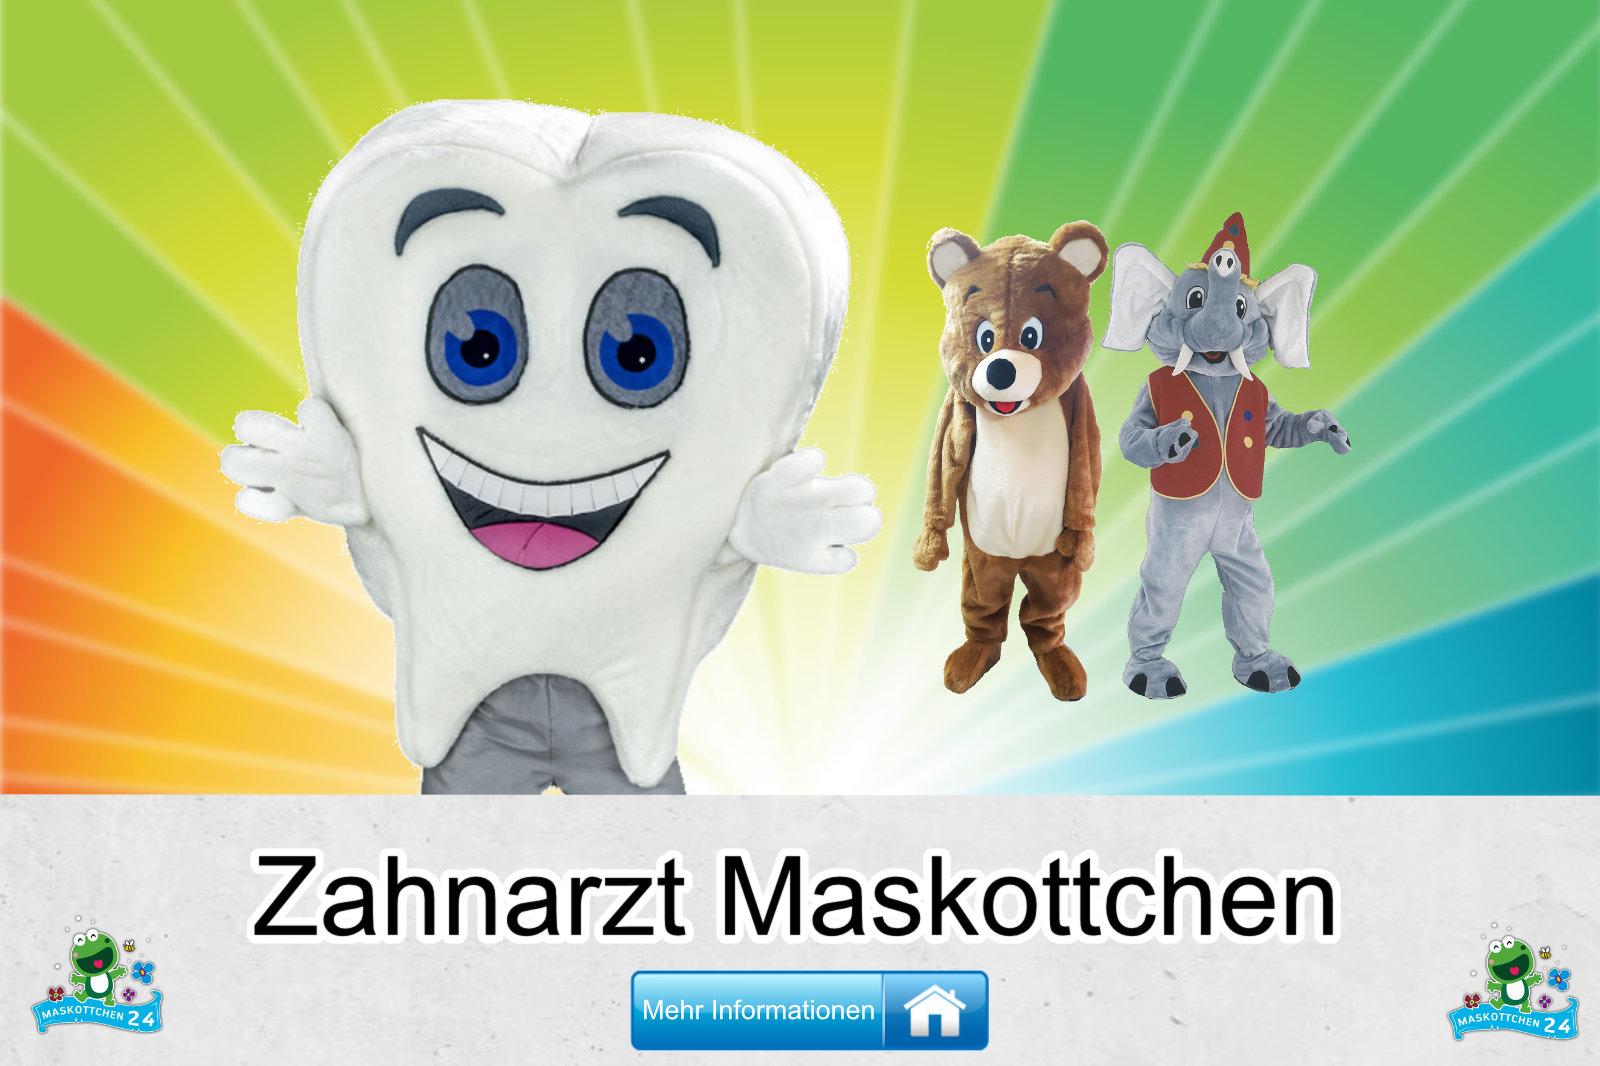 Zahnarzt Kostüme Maskottchen Herstellung Firma günstig kaufen